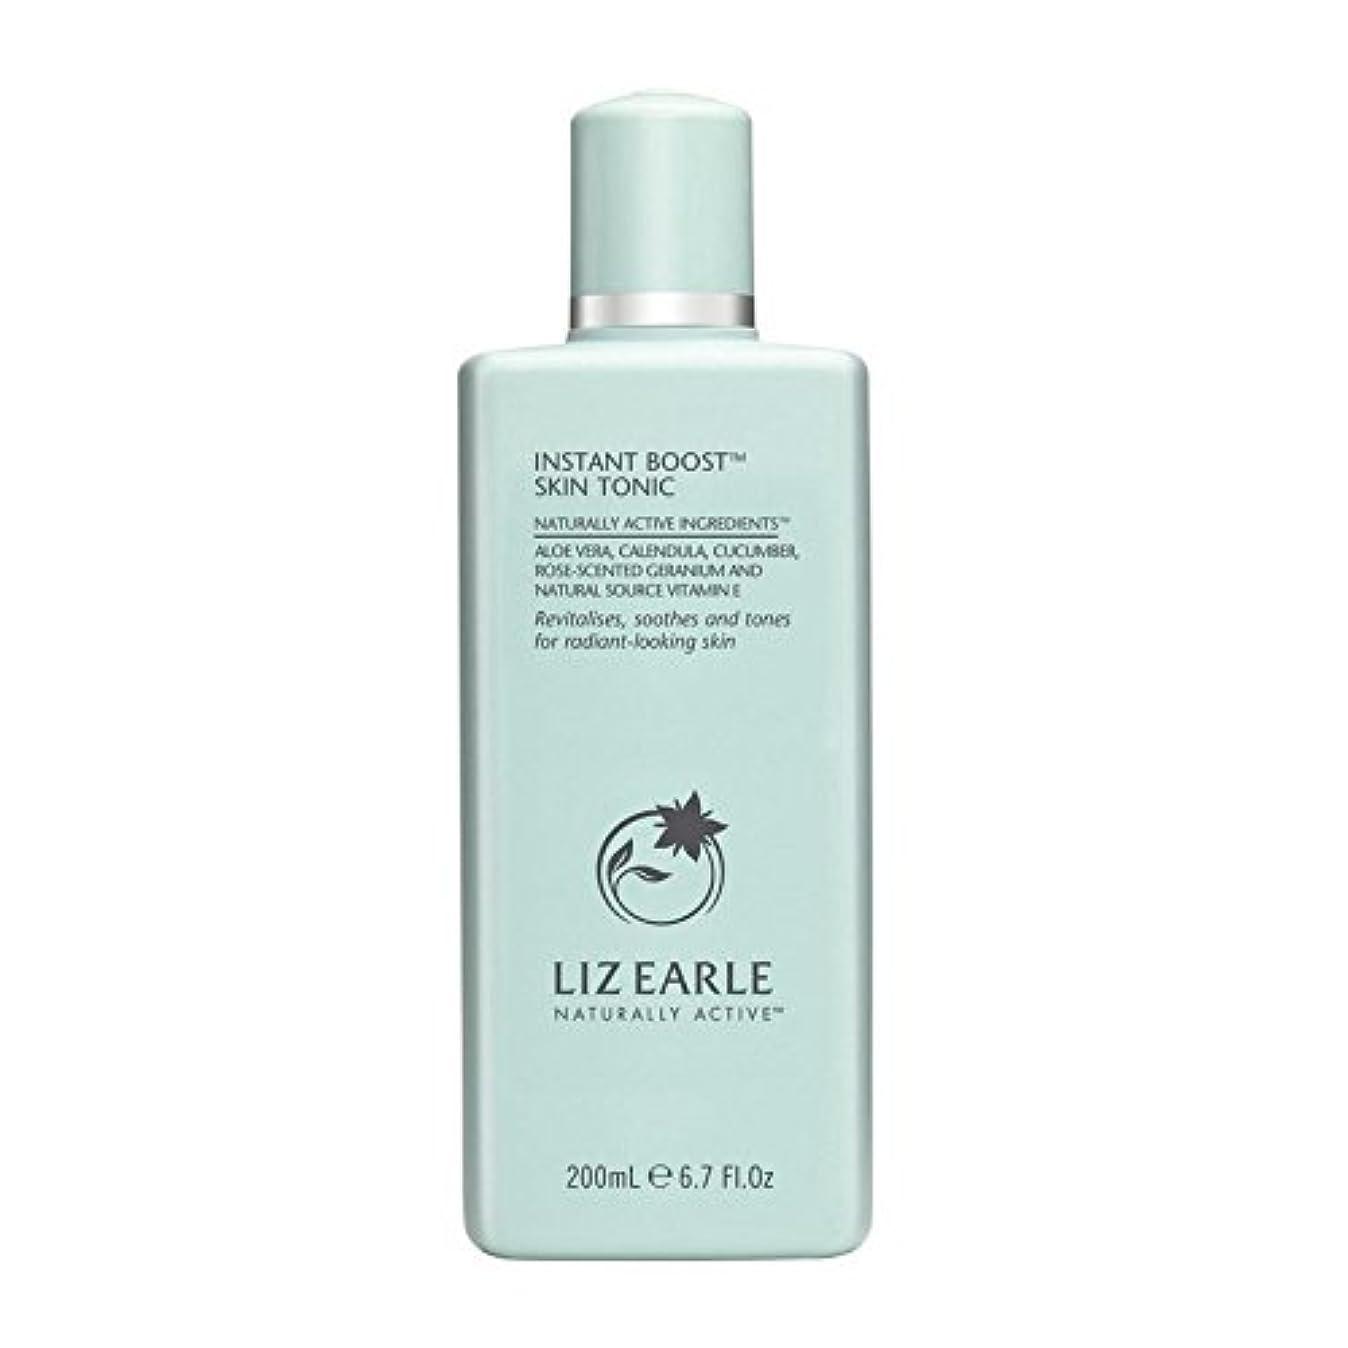 クリームボード王室Liz Earle Instant Boost Skin Tonic Bottle 200ml (Pack of 6) - リズアールインスタントブーストスキントニックボトル200ミリリットル x6 [並行輸入品]